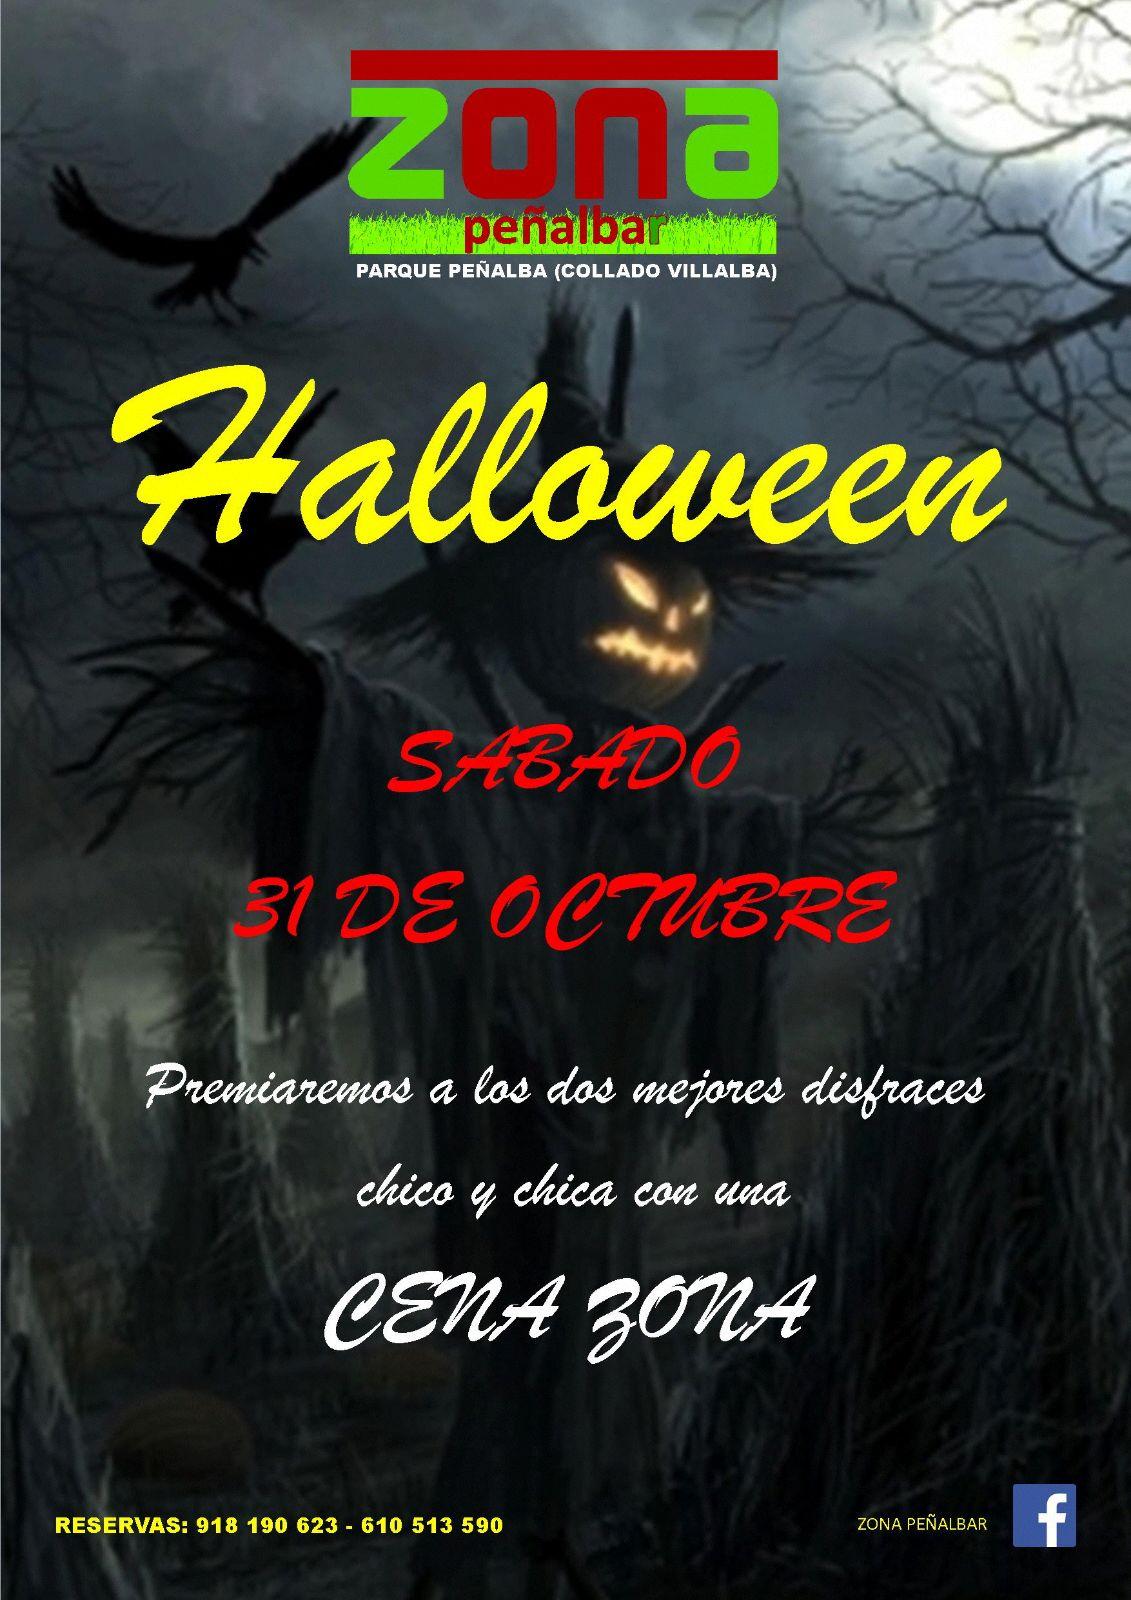 Noche de Halloween en la Sierra de Guadarrama